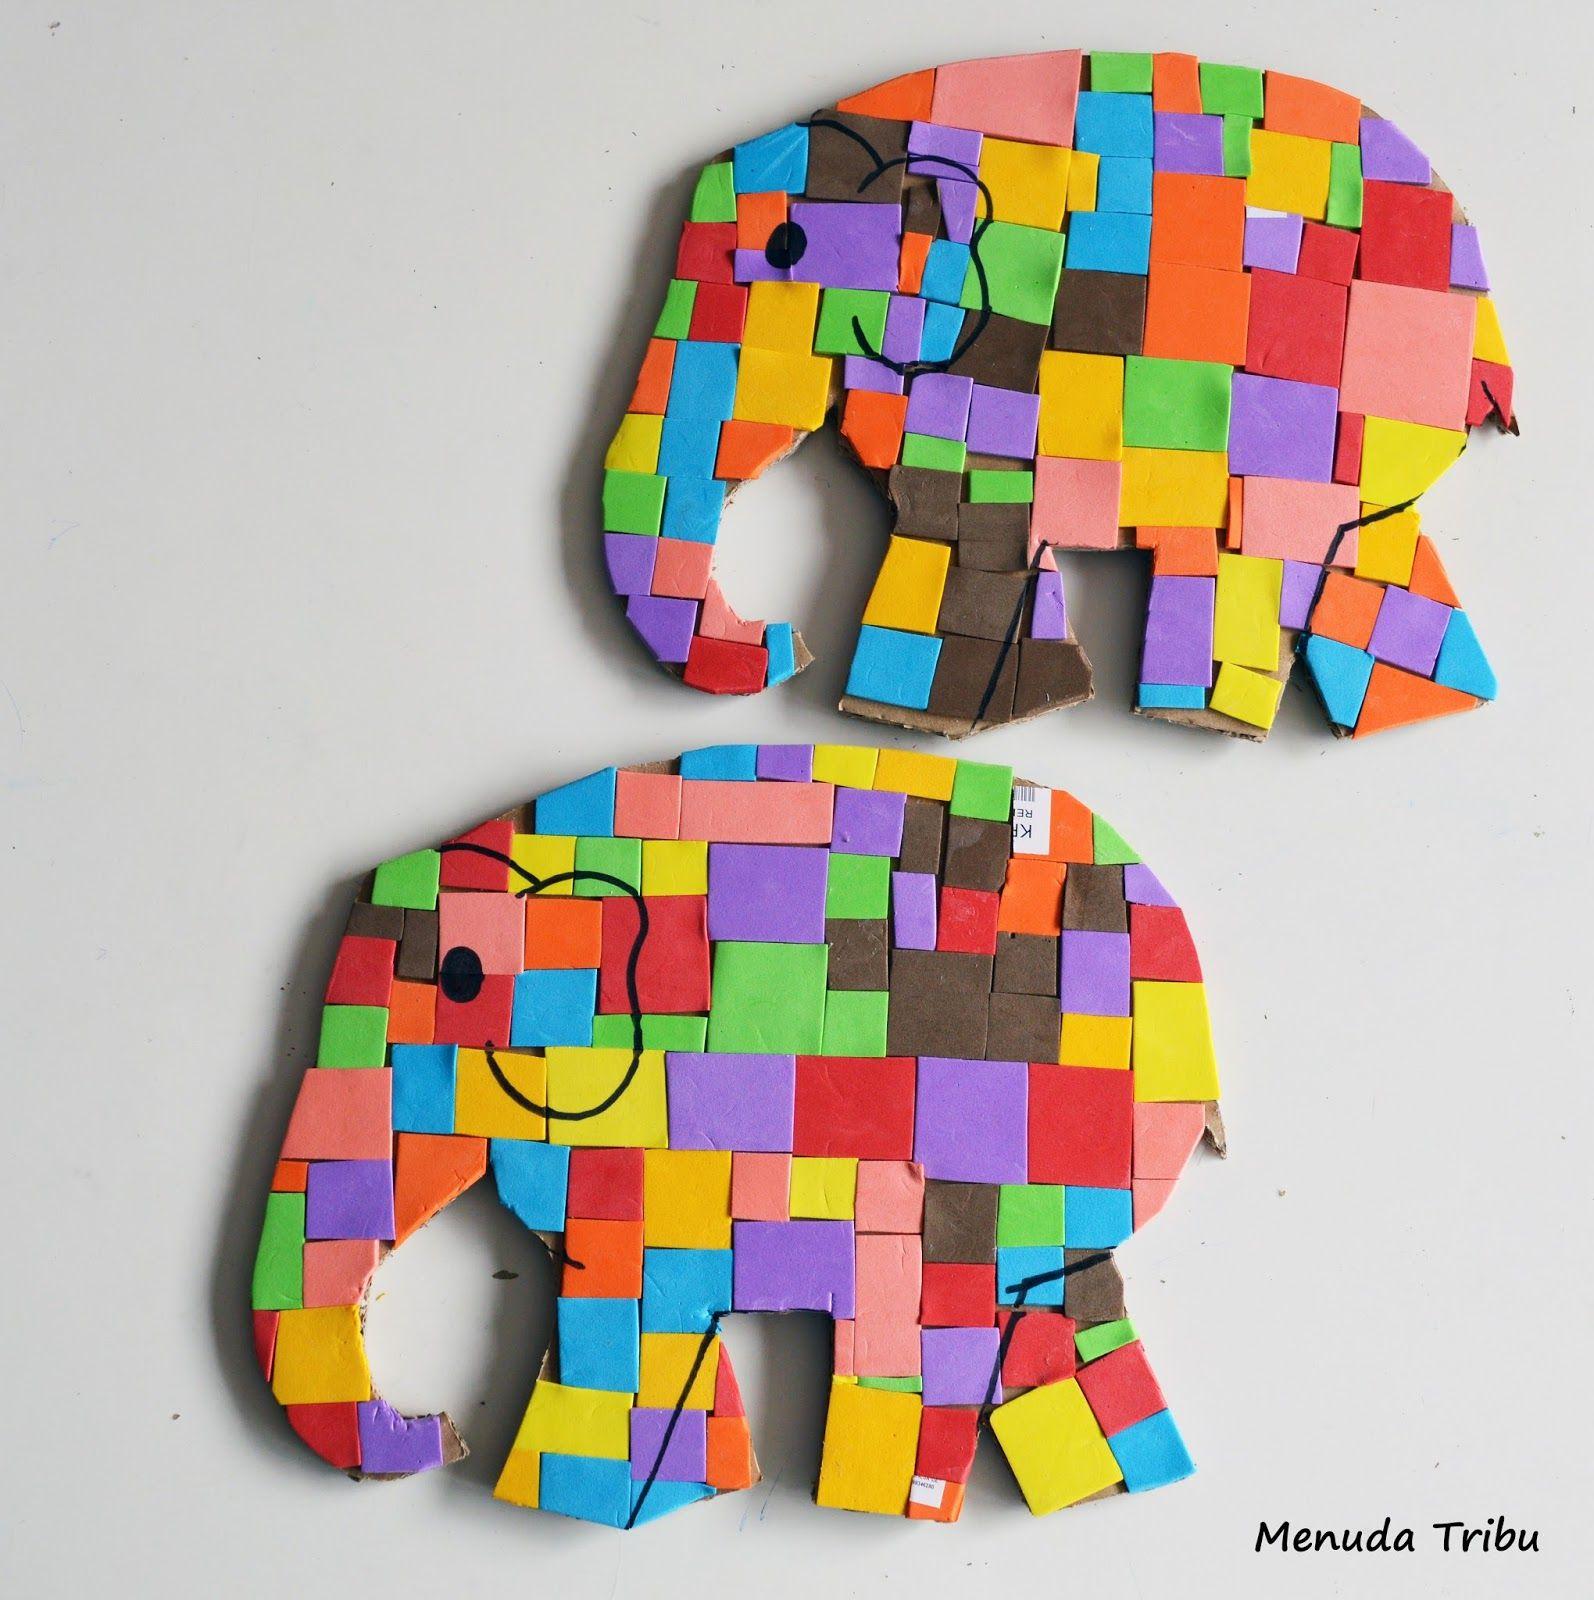 Crea Tu Elefante Elmer Menuda Tribu